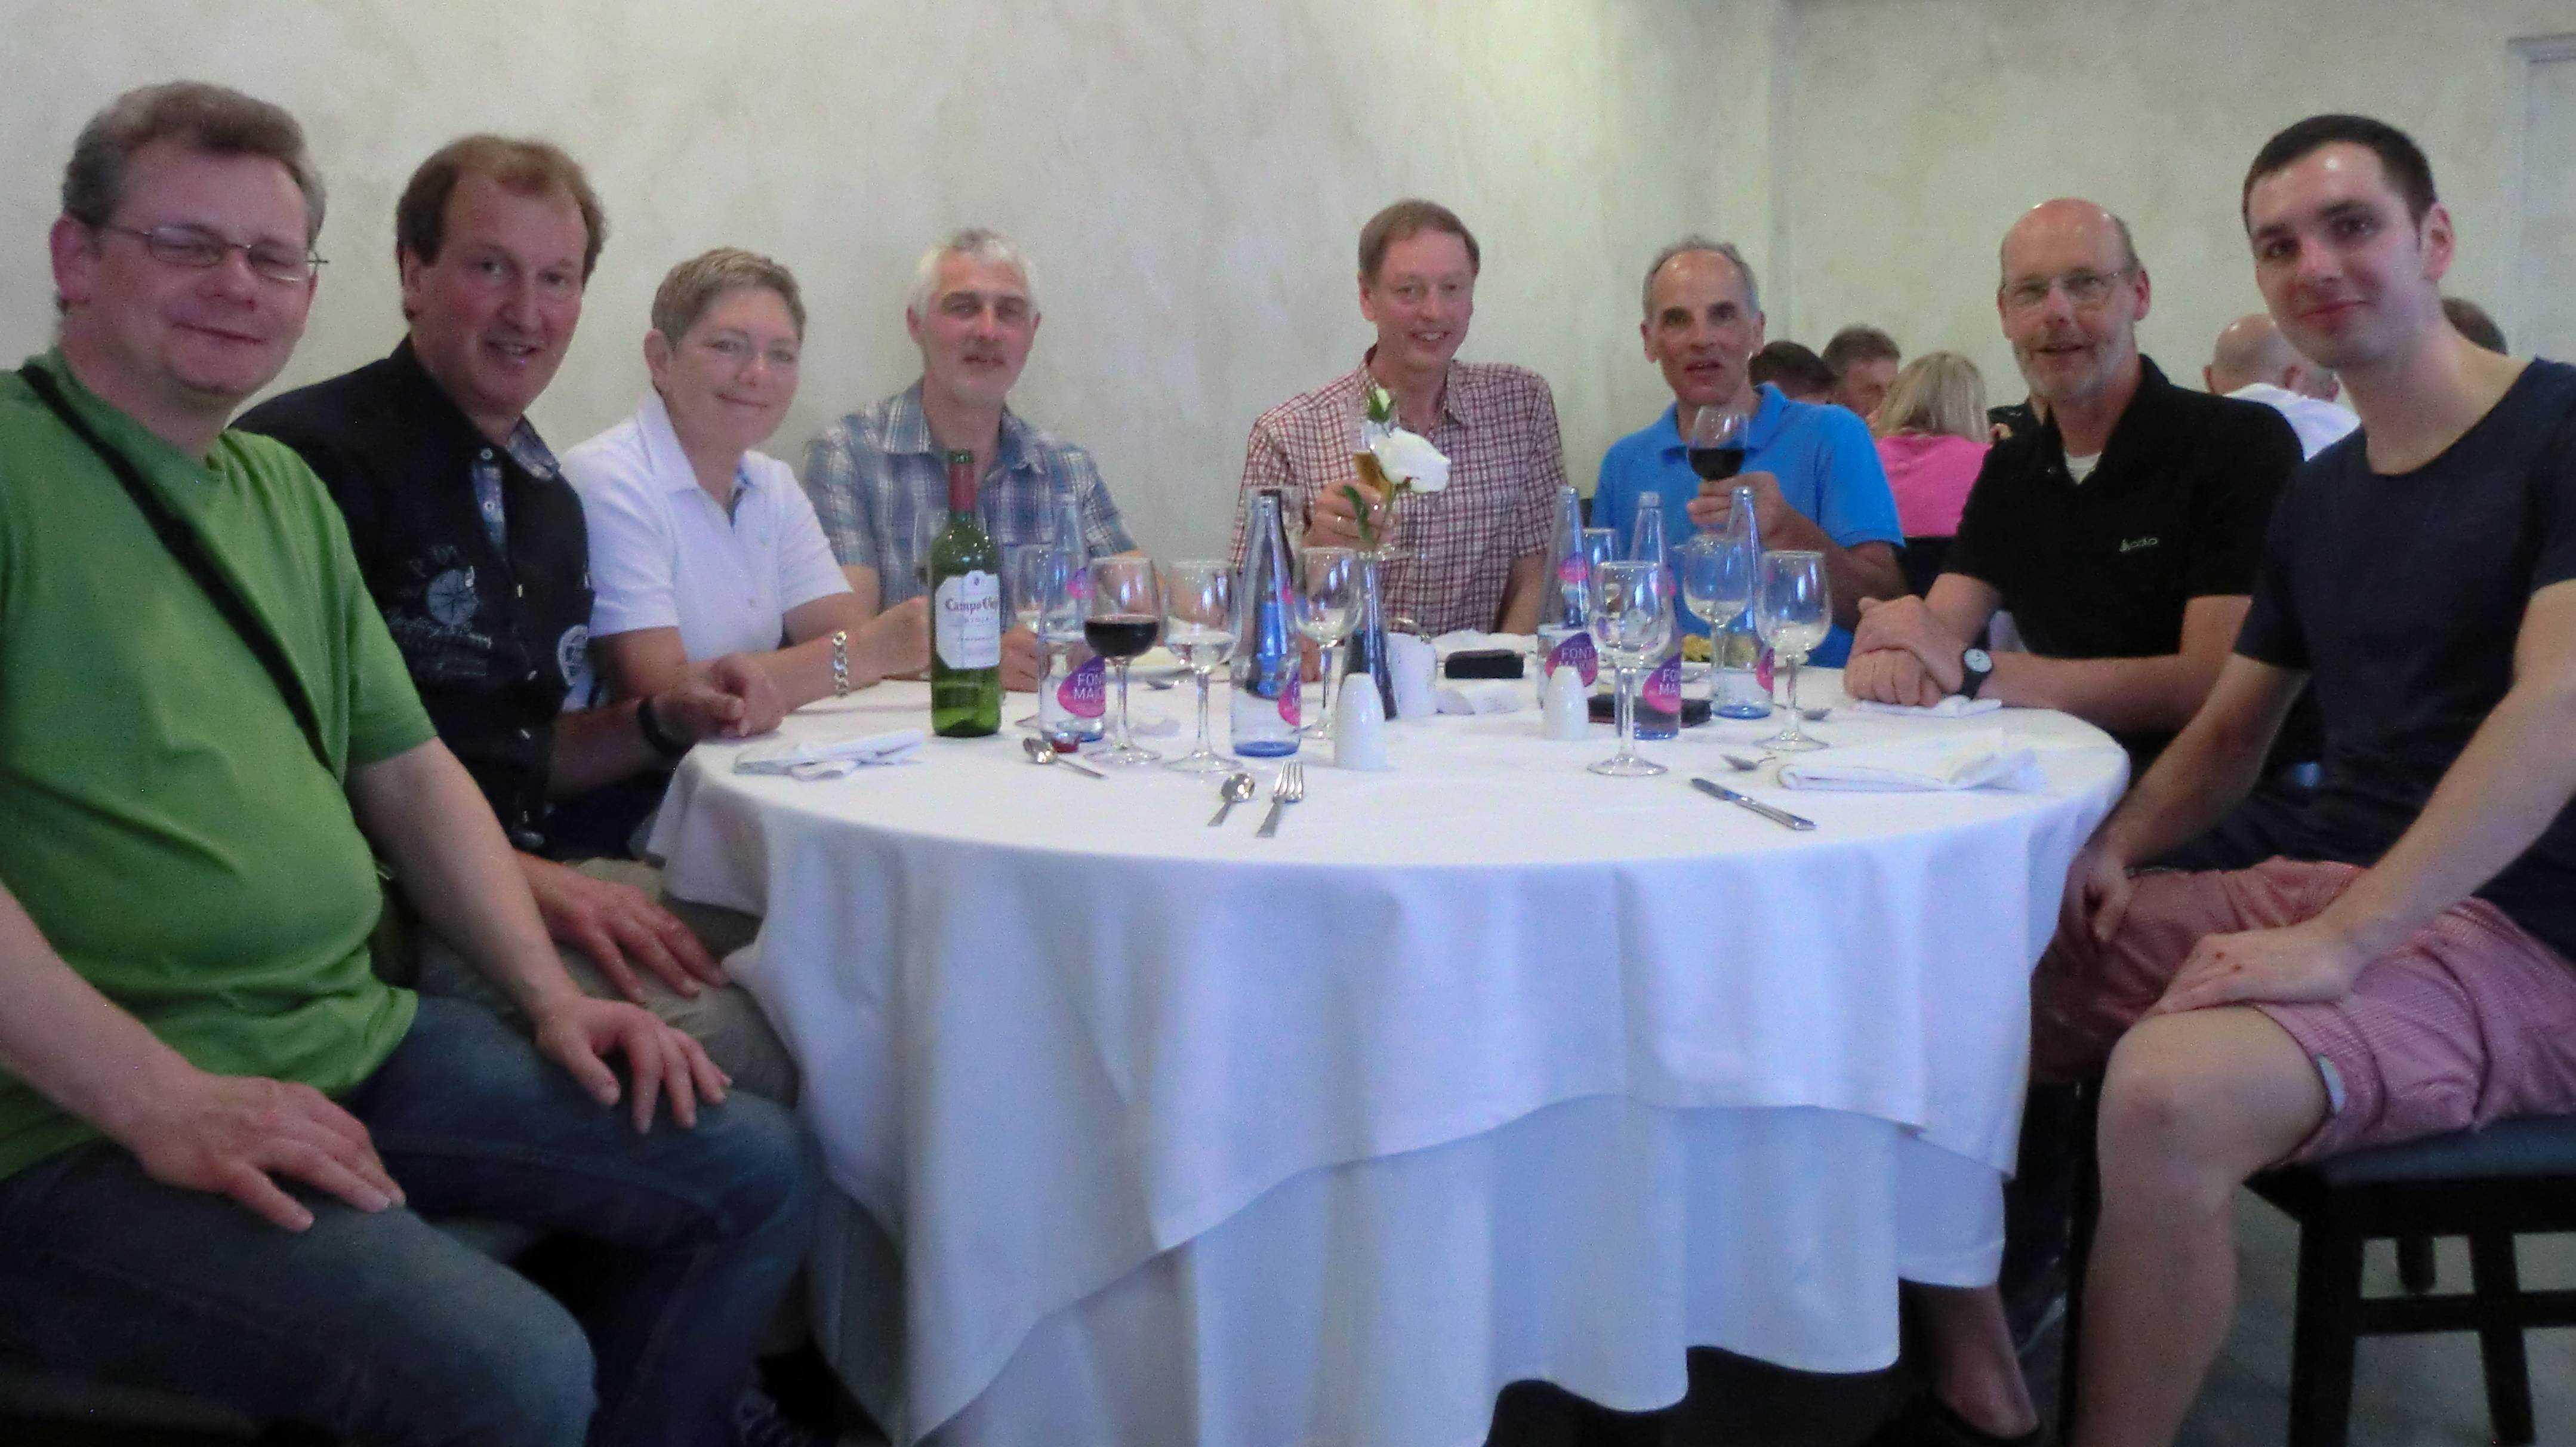 Unsere Gruppe: v.l.n.r. Norbert, Franz Peter, Marianne, Gerardus, Karl-Heinz, Rainer, Peter, Philipp